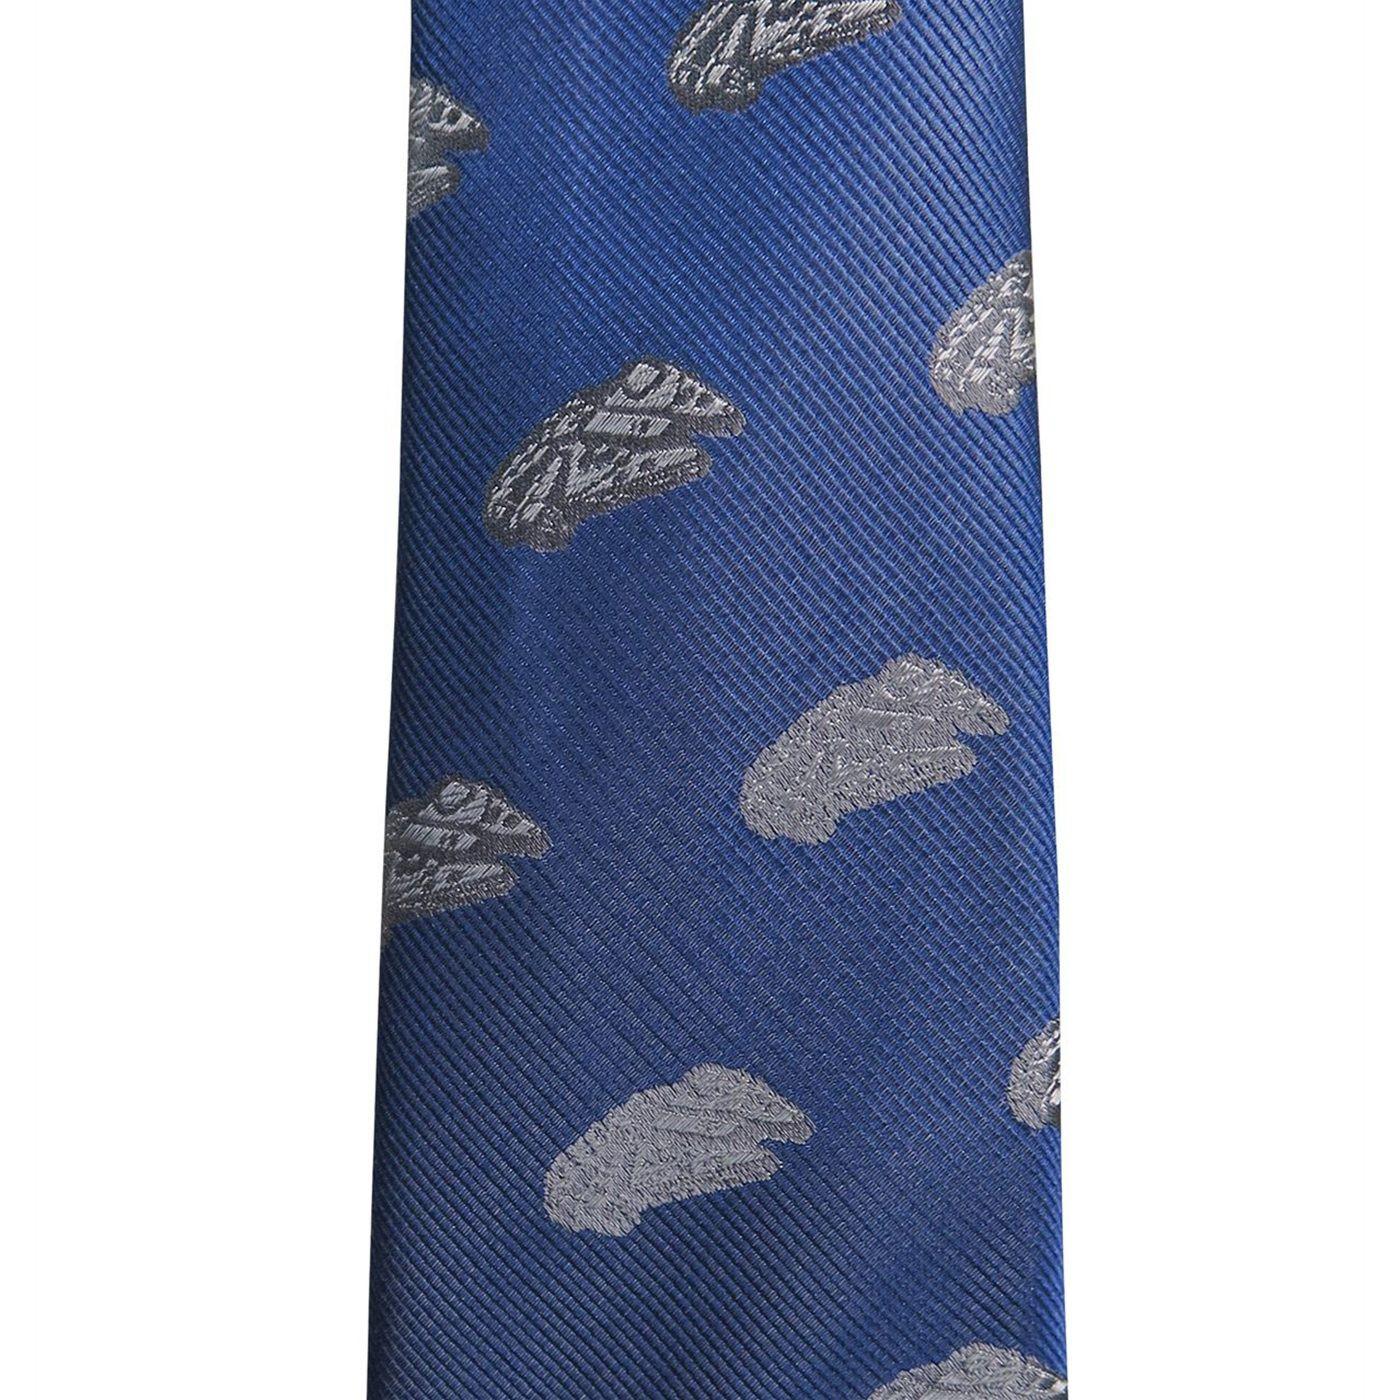 Star Wars Millennium Falcon Tie